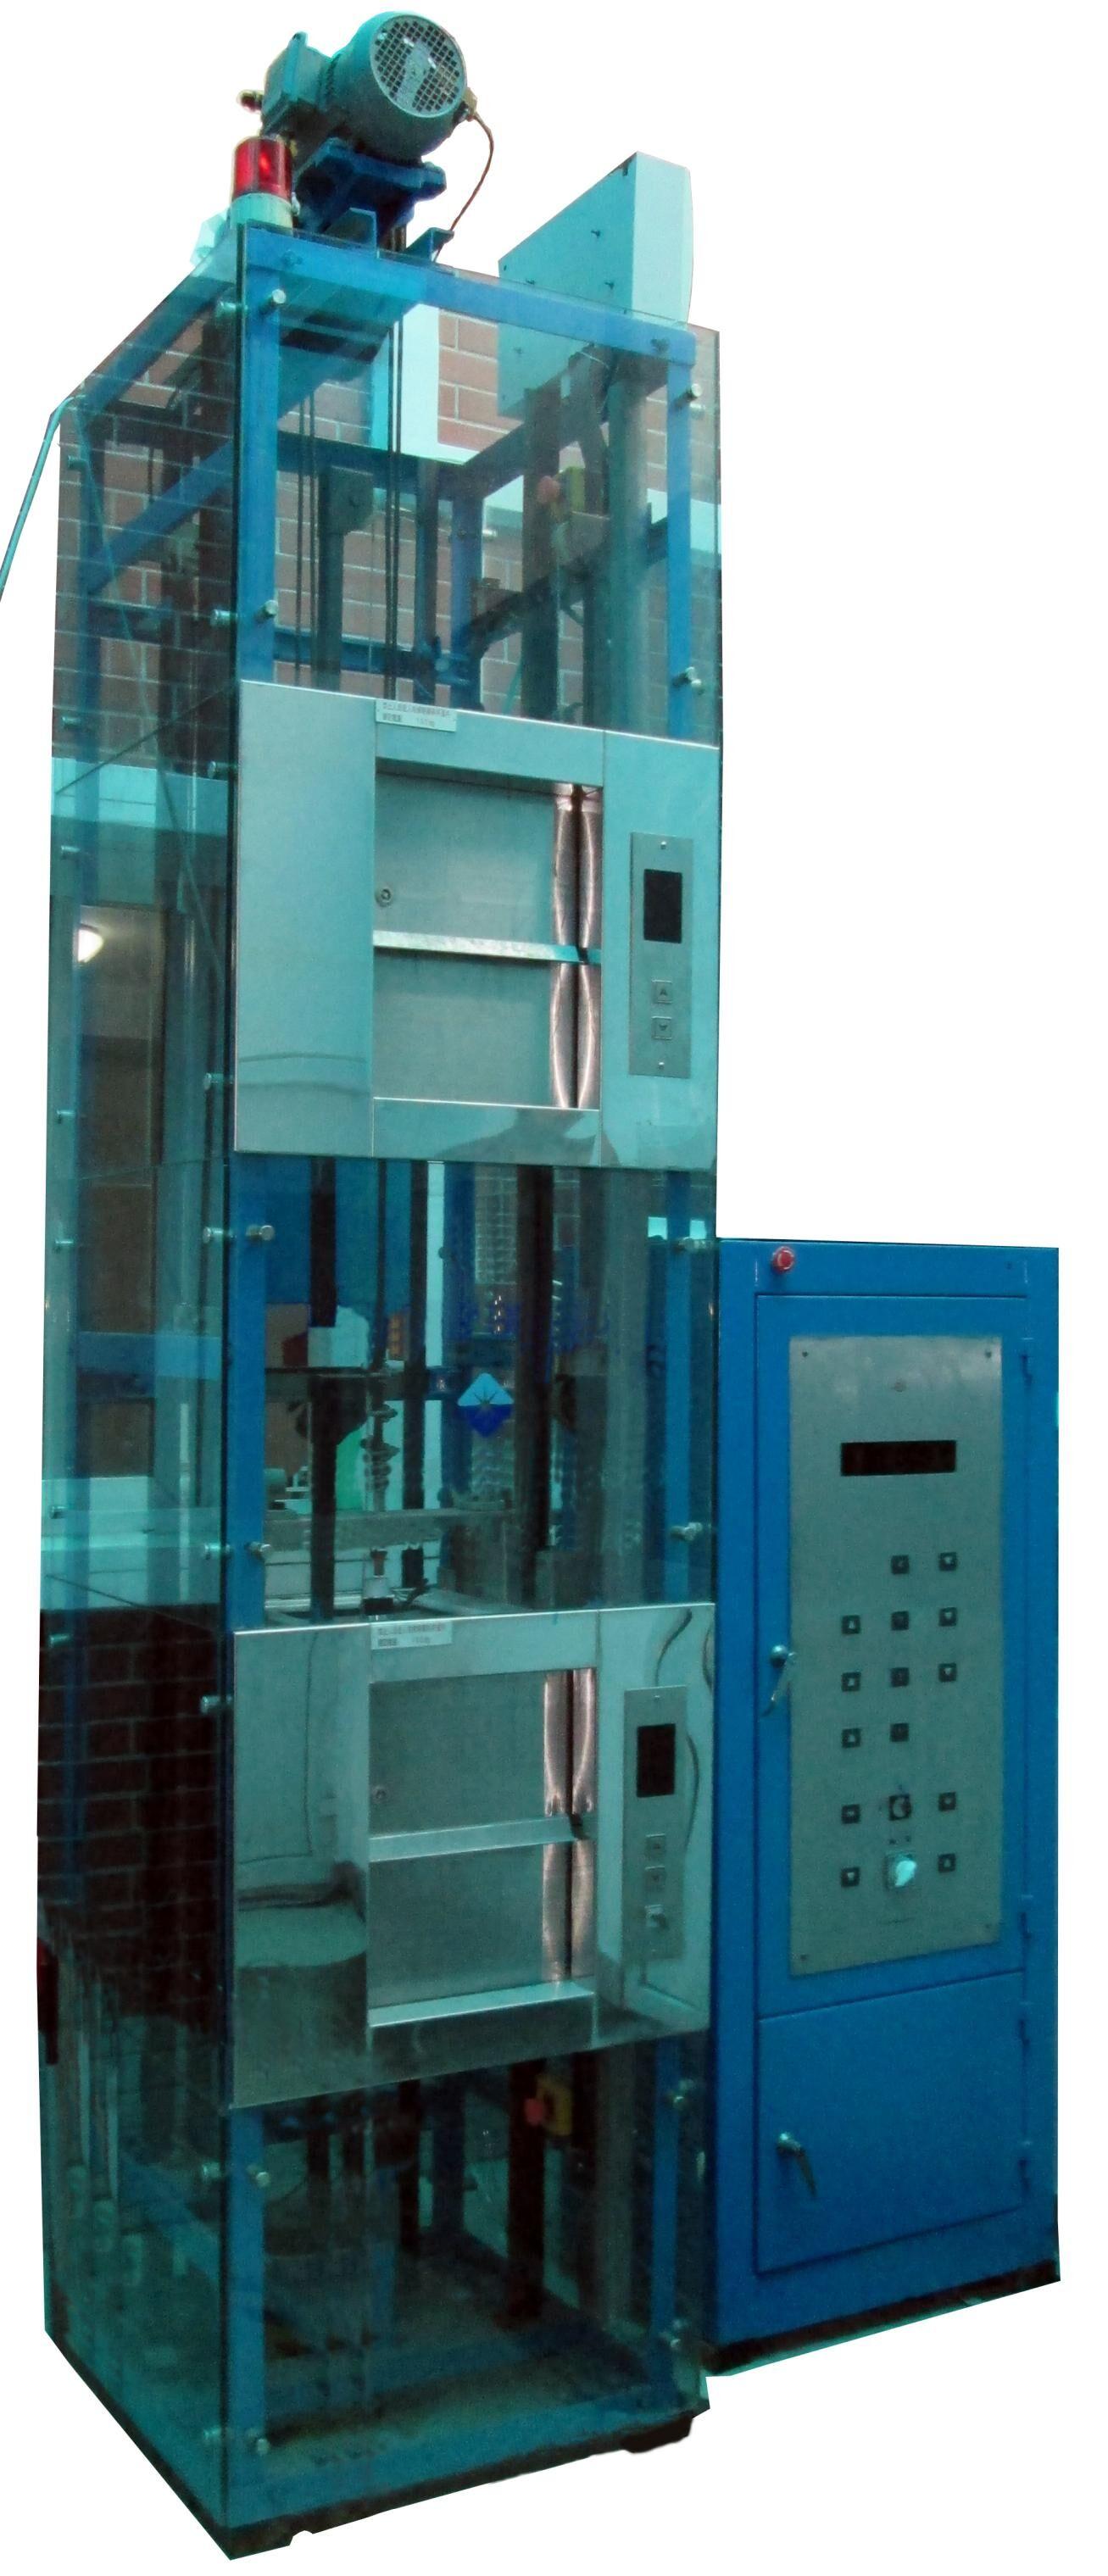 工作电源:三相五线 ac380v±7.5%,工频50hz     2.